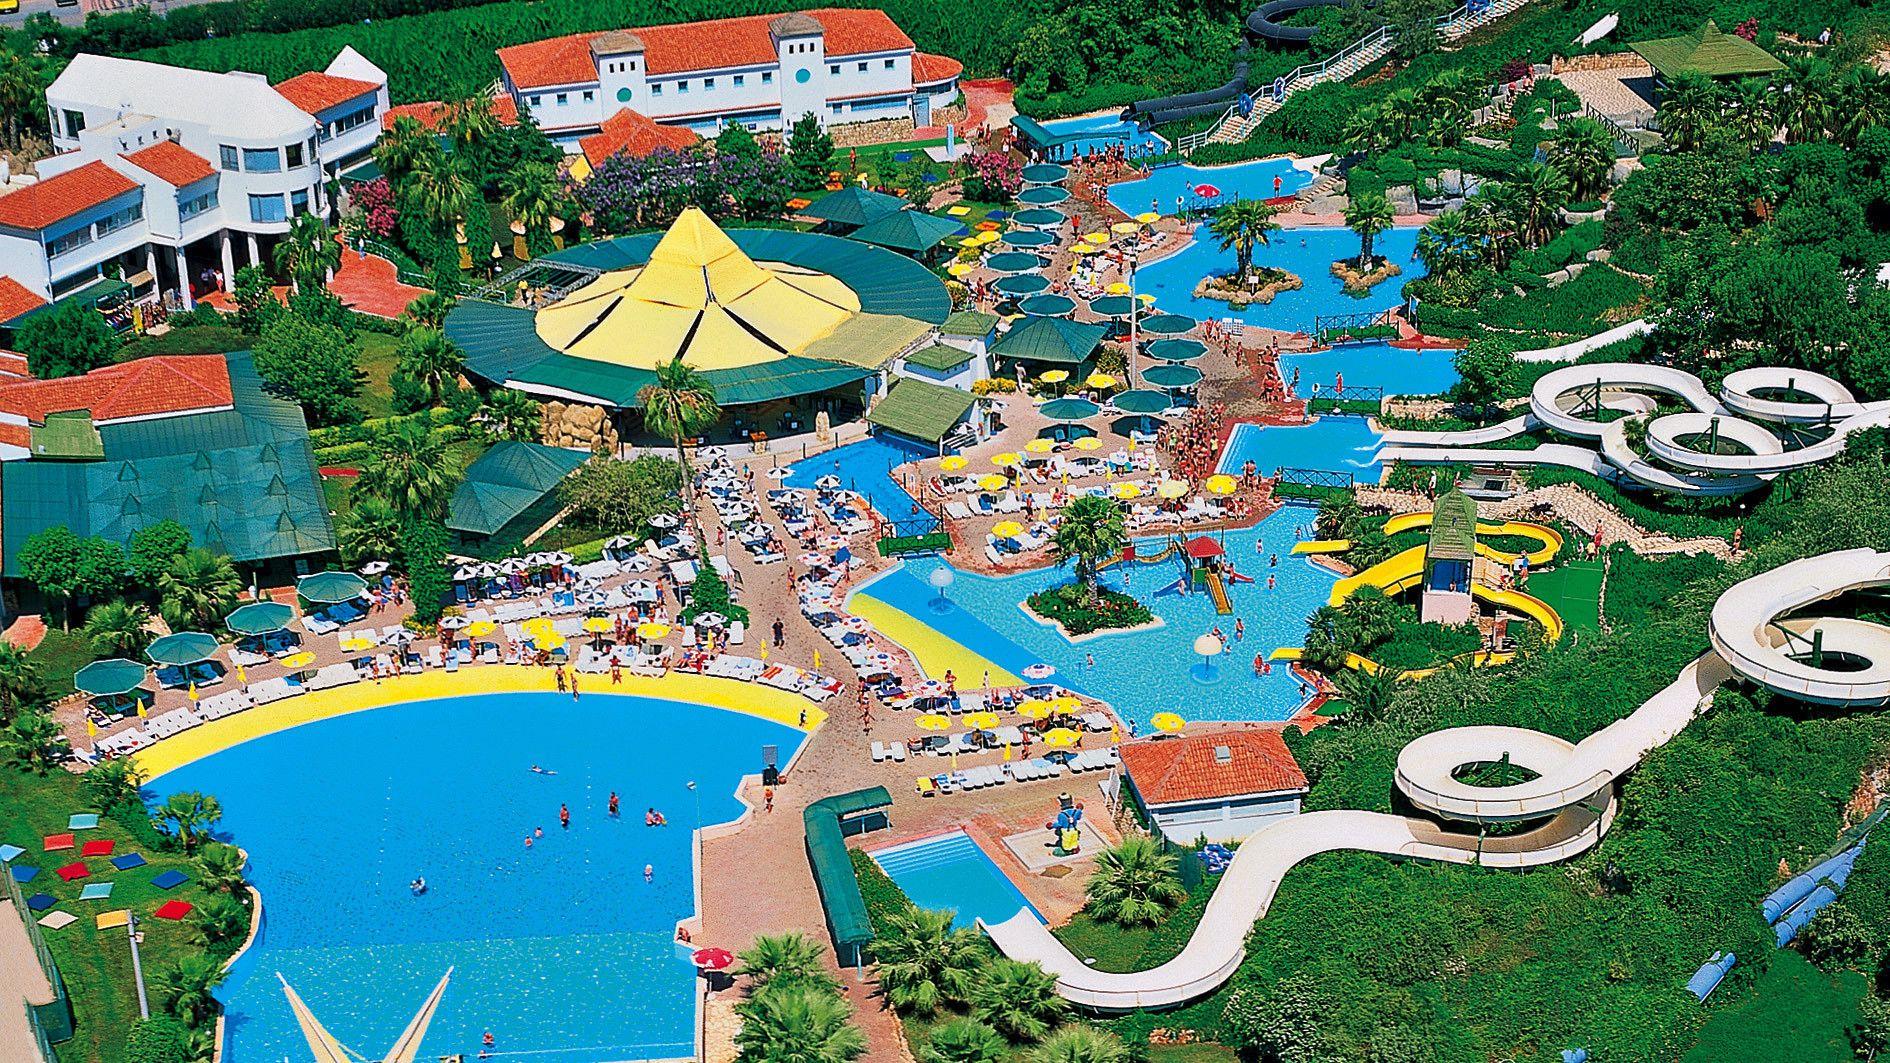 Sisäänpääsy Aqualand-vesipuistoon ja kuljetus hotellilta